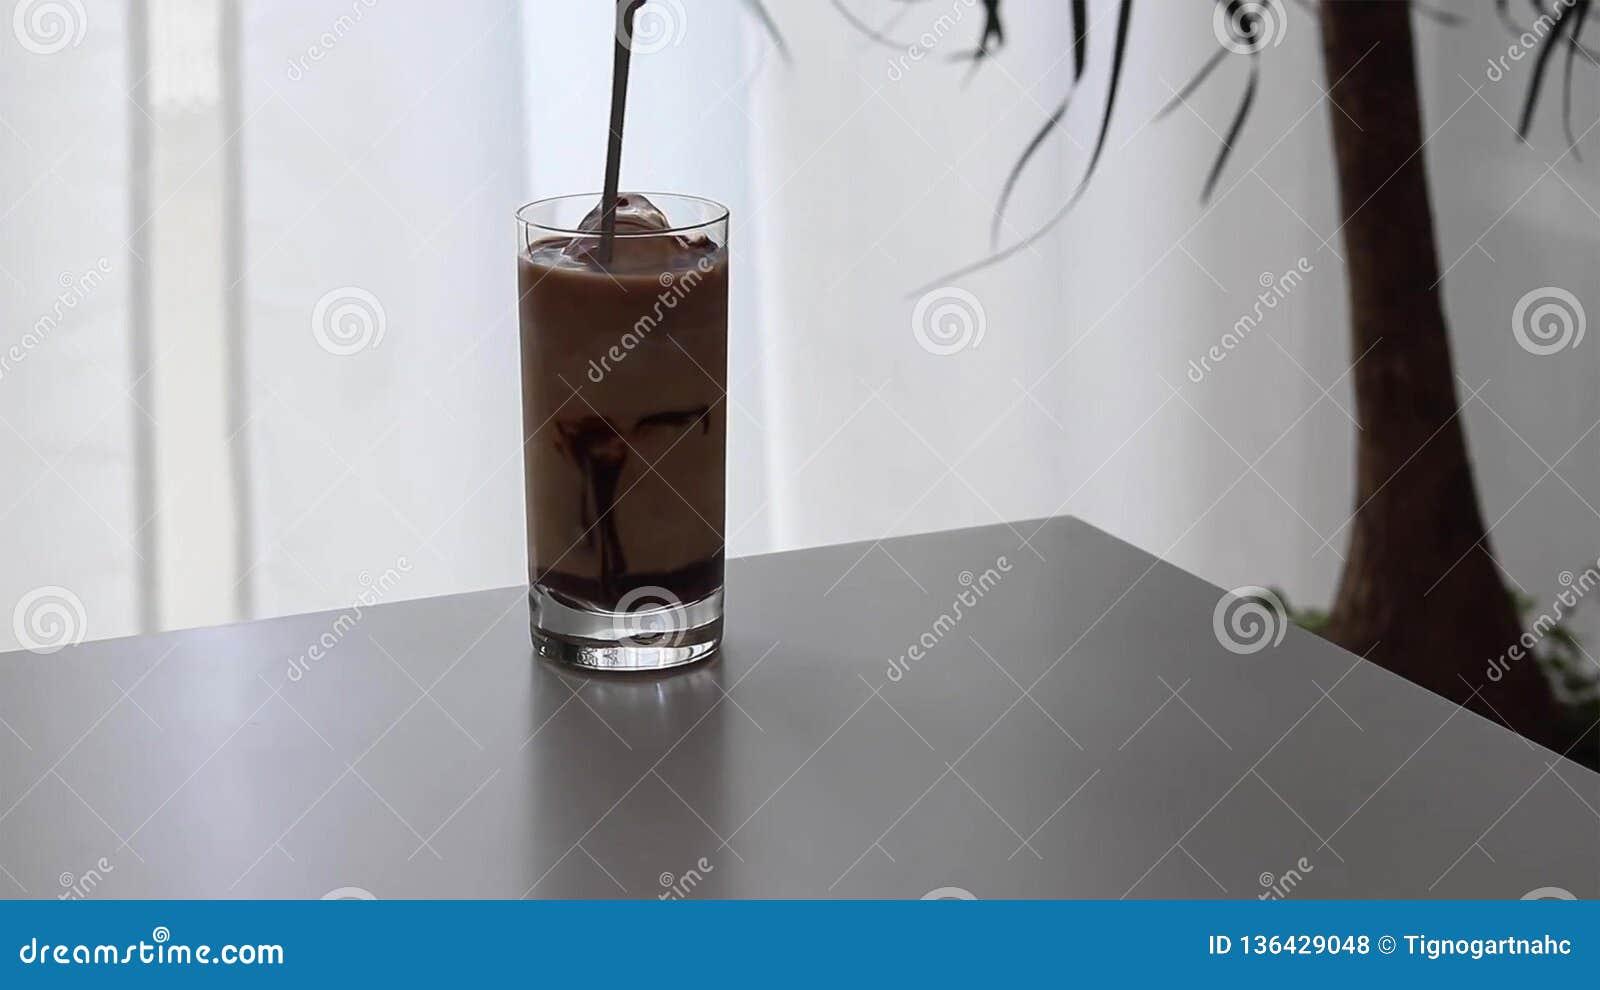 冰冻咖啡用牛奶和巧克力糖浆